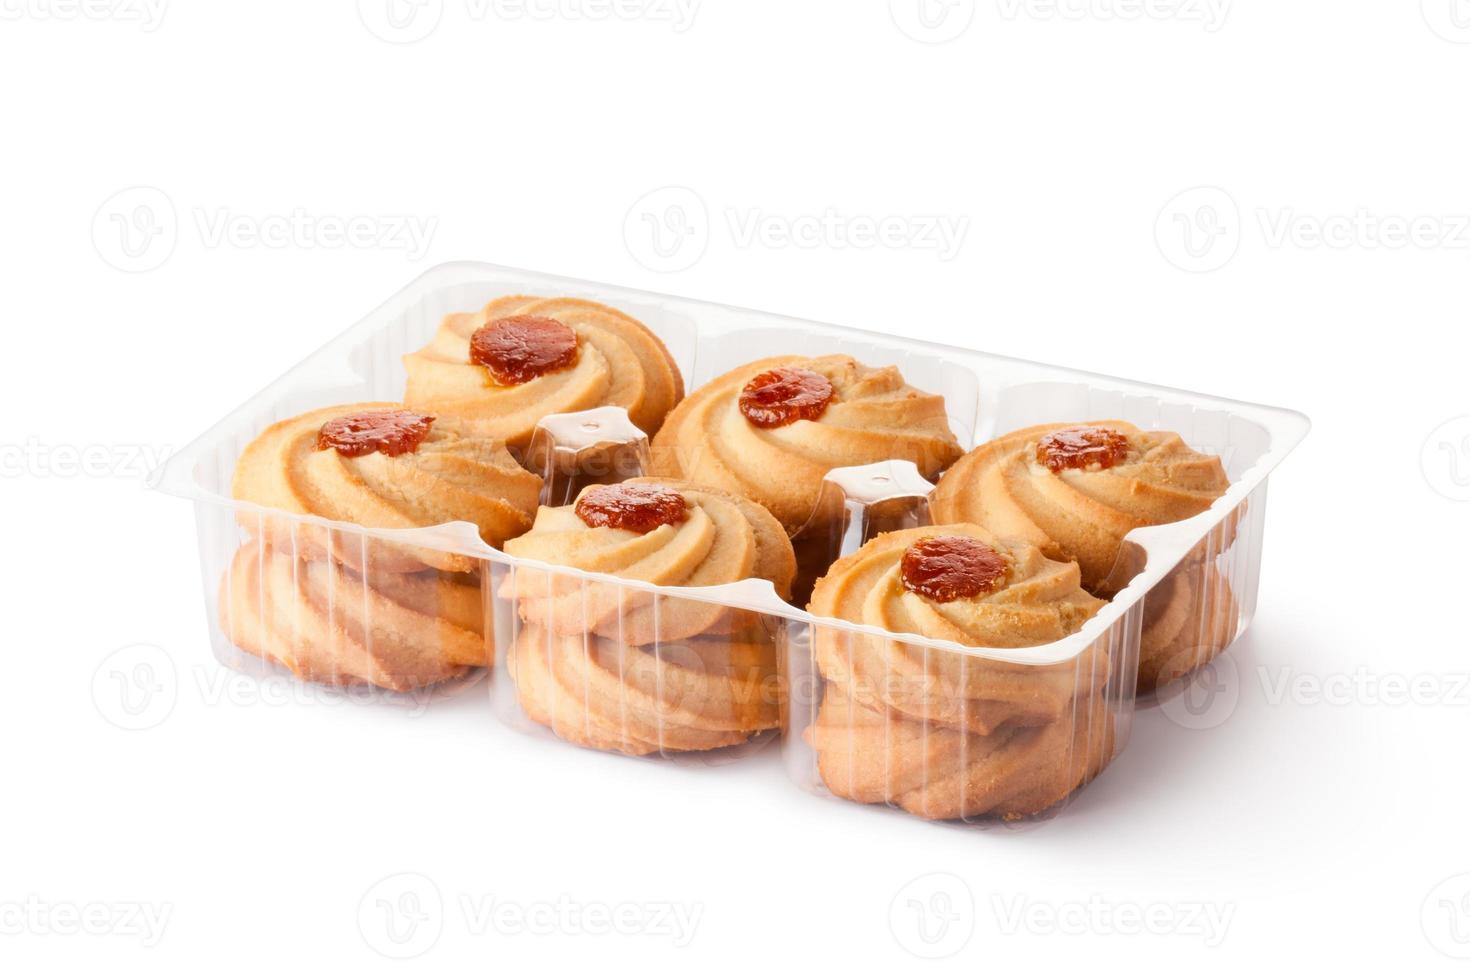 Kekse mit Marmeladenbelag im Einzelhandelspaket foto